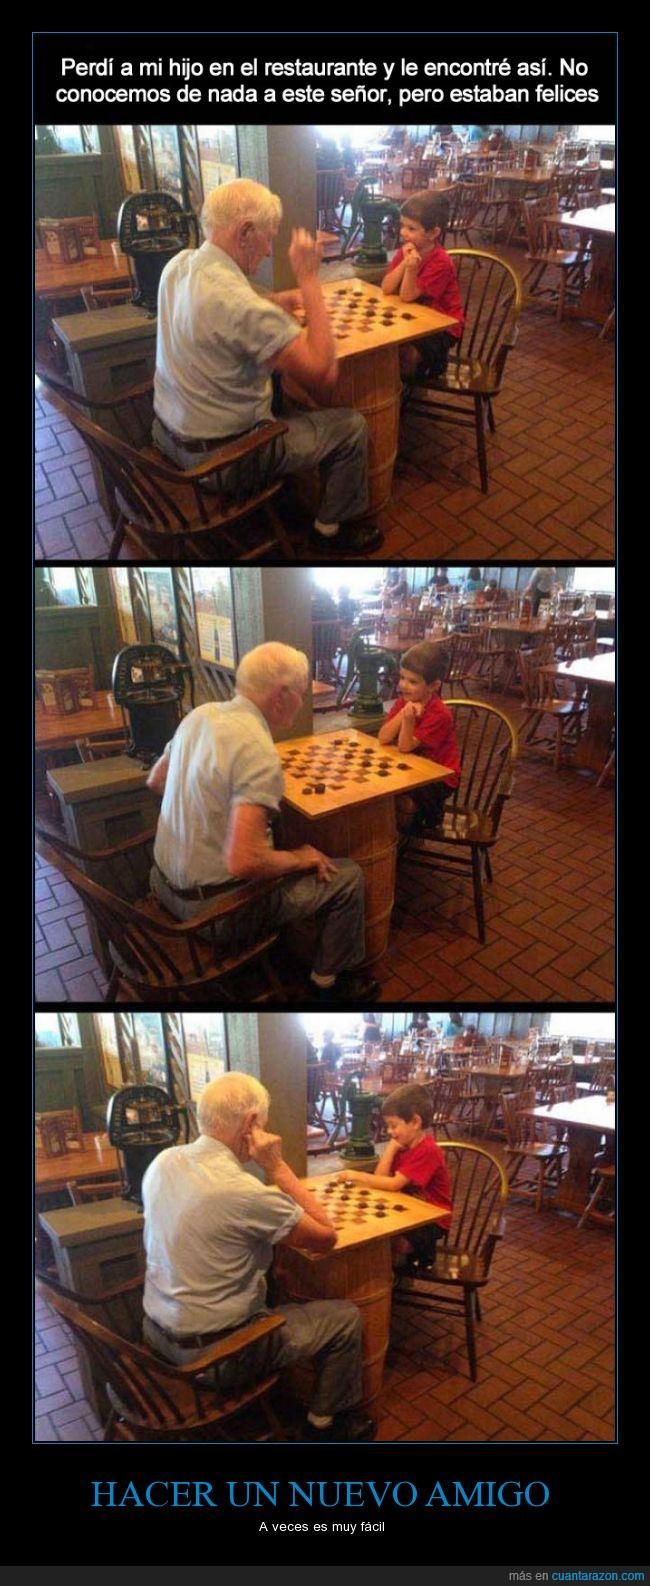 abuelo,amigo,hijo,hombre,perder,restaurante,señor